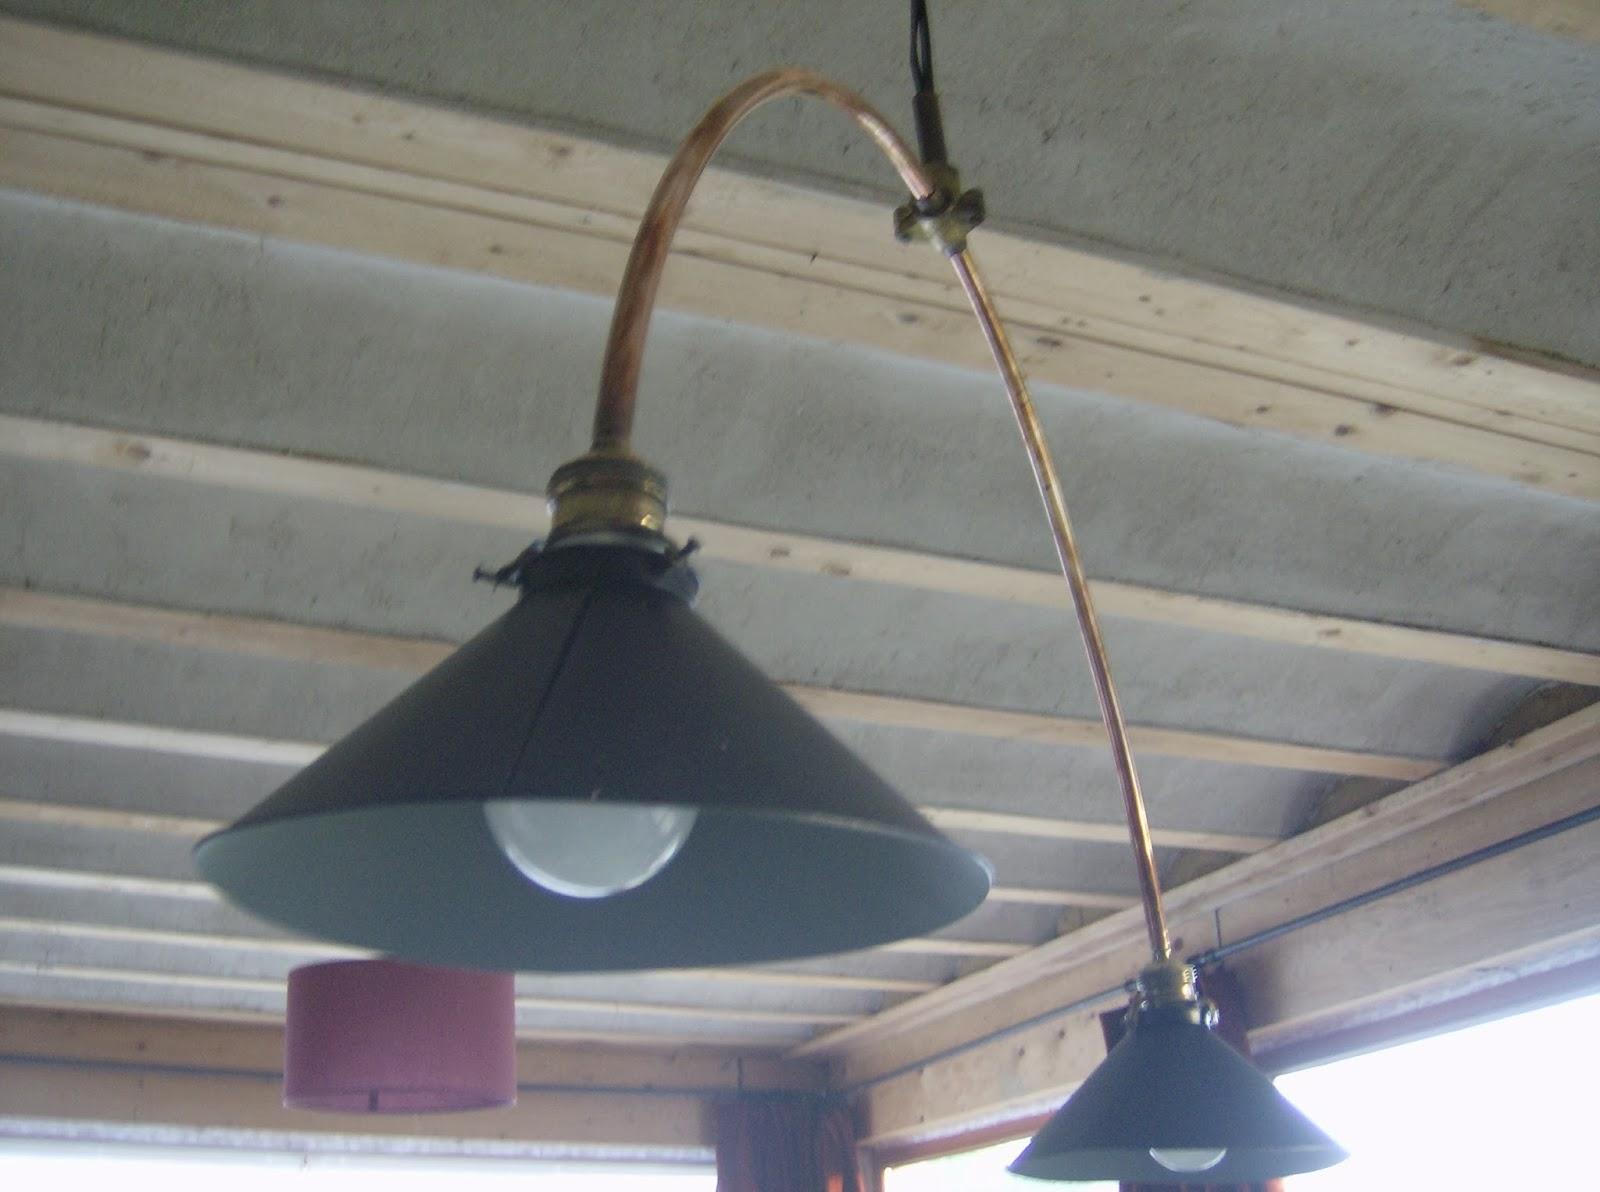 D co int rieure style industrielle passez l 39 antenne - La salle a manger atelier au style classique chez maisons du monde ...